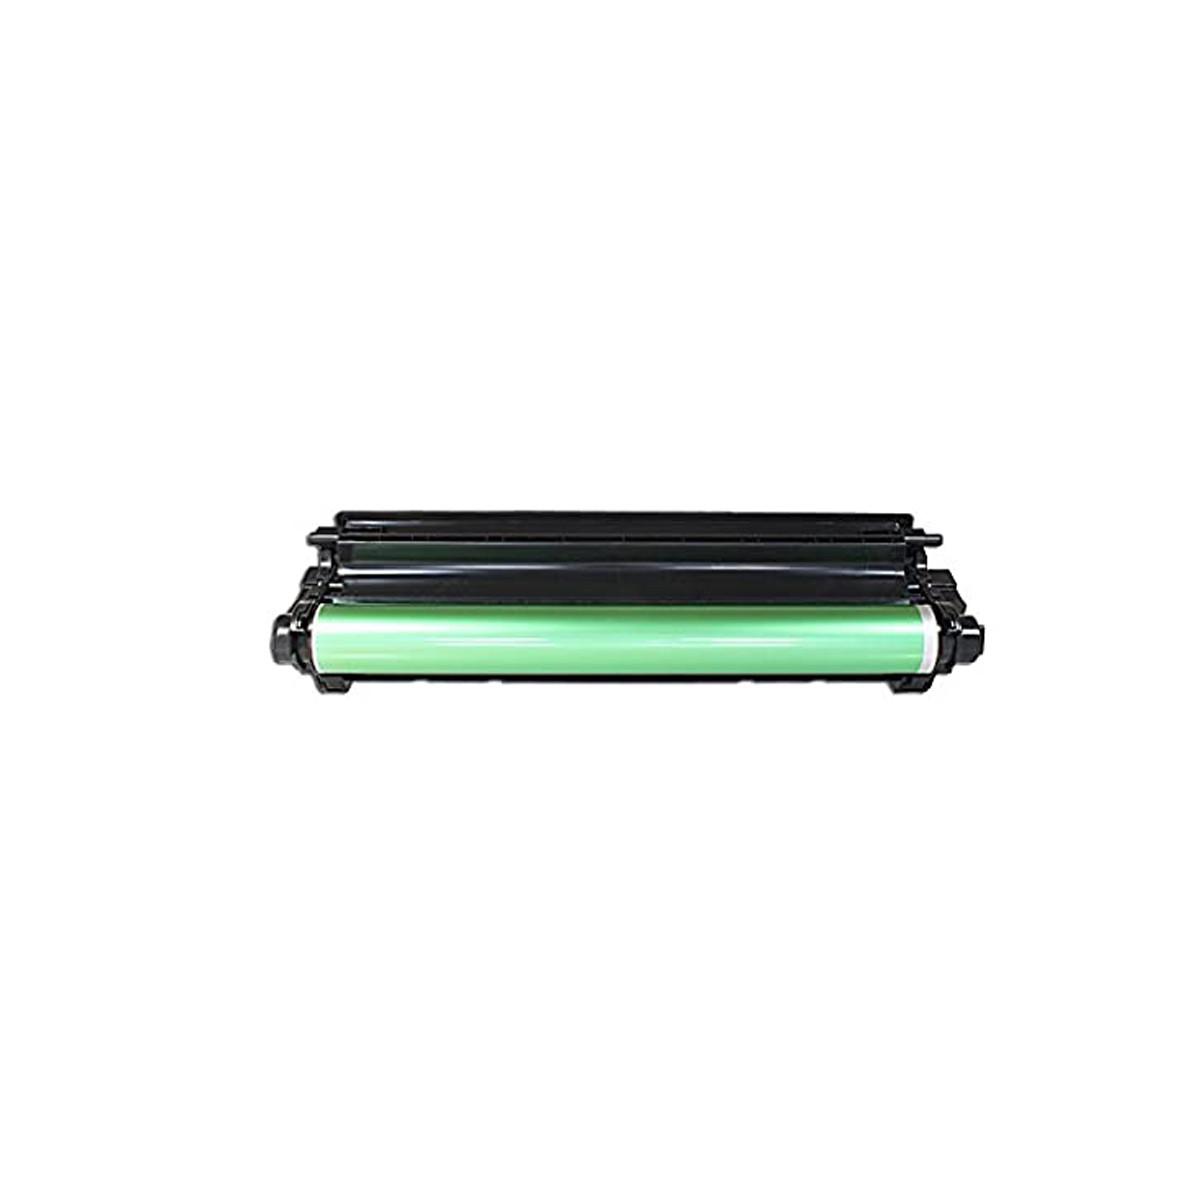 Cartucho de Cilindro Compatível HP CE314A 130A 126A | CP1020 CP1025 M176N M177FW M175 | Premium 14k